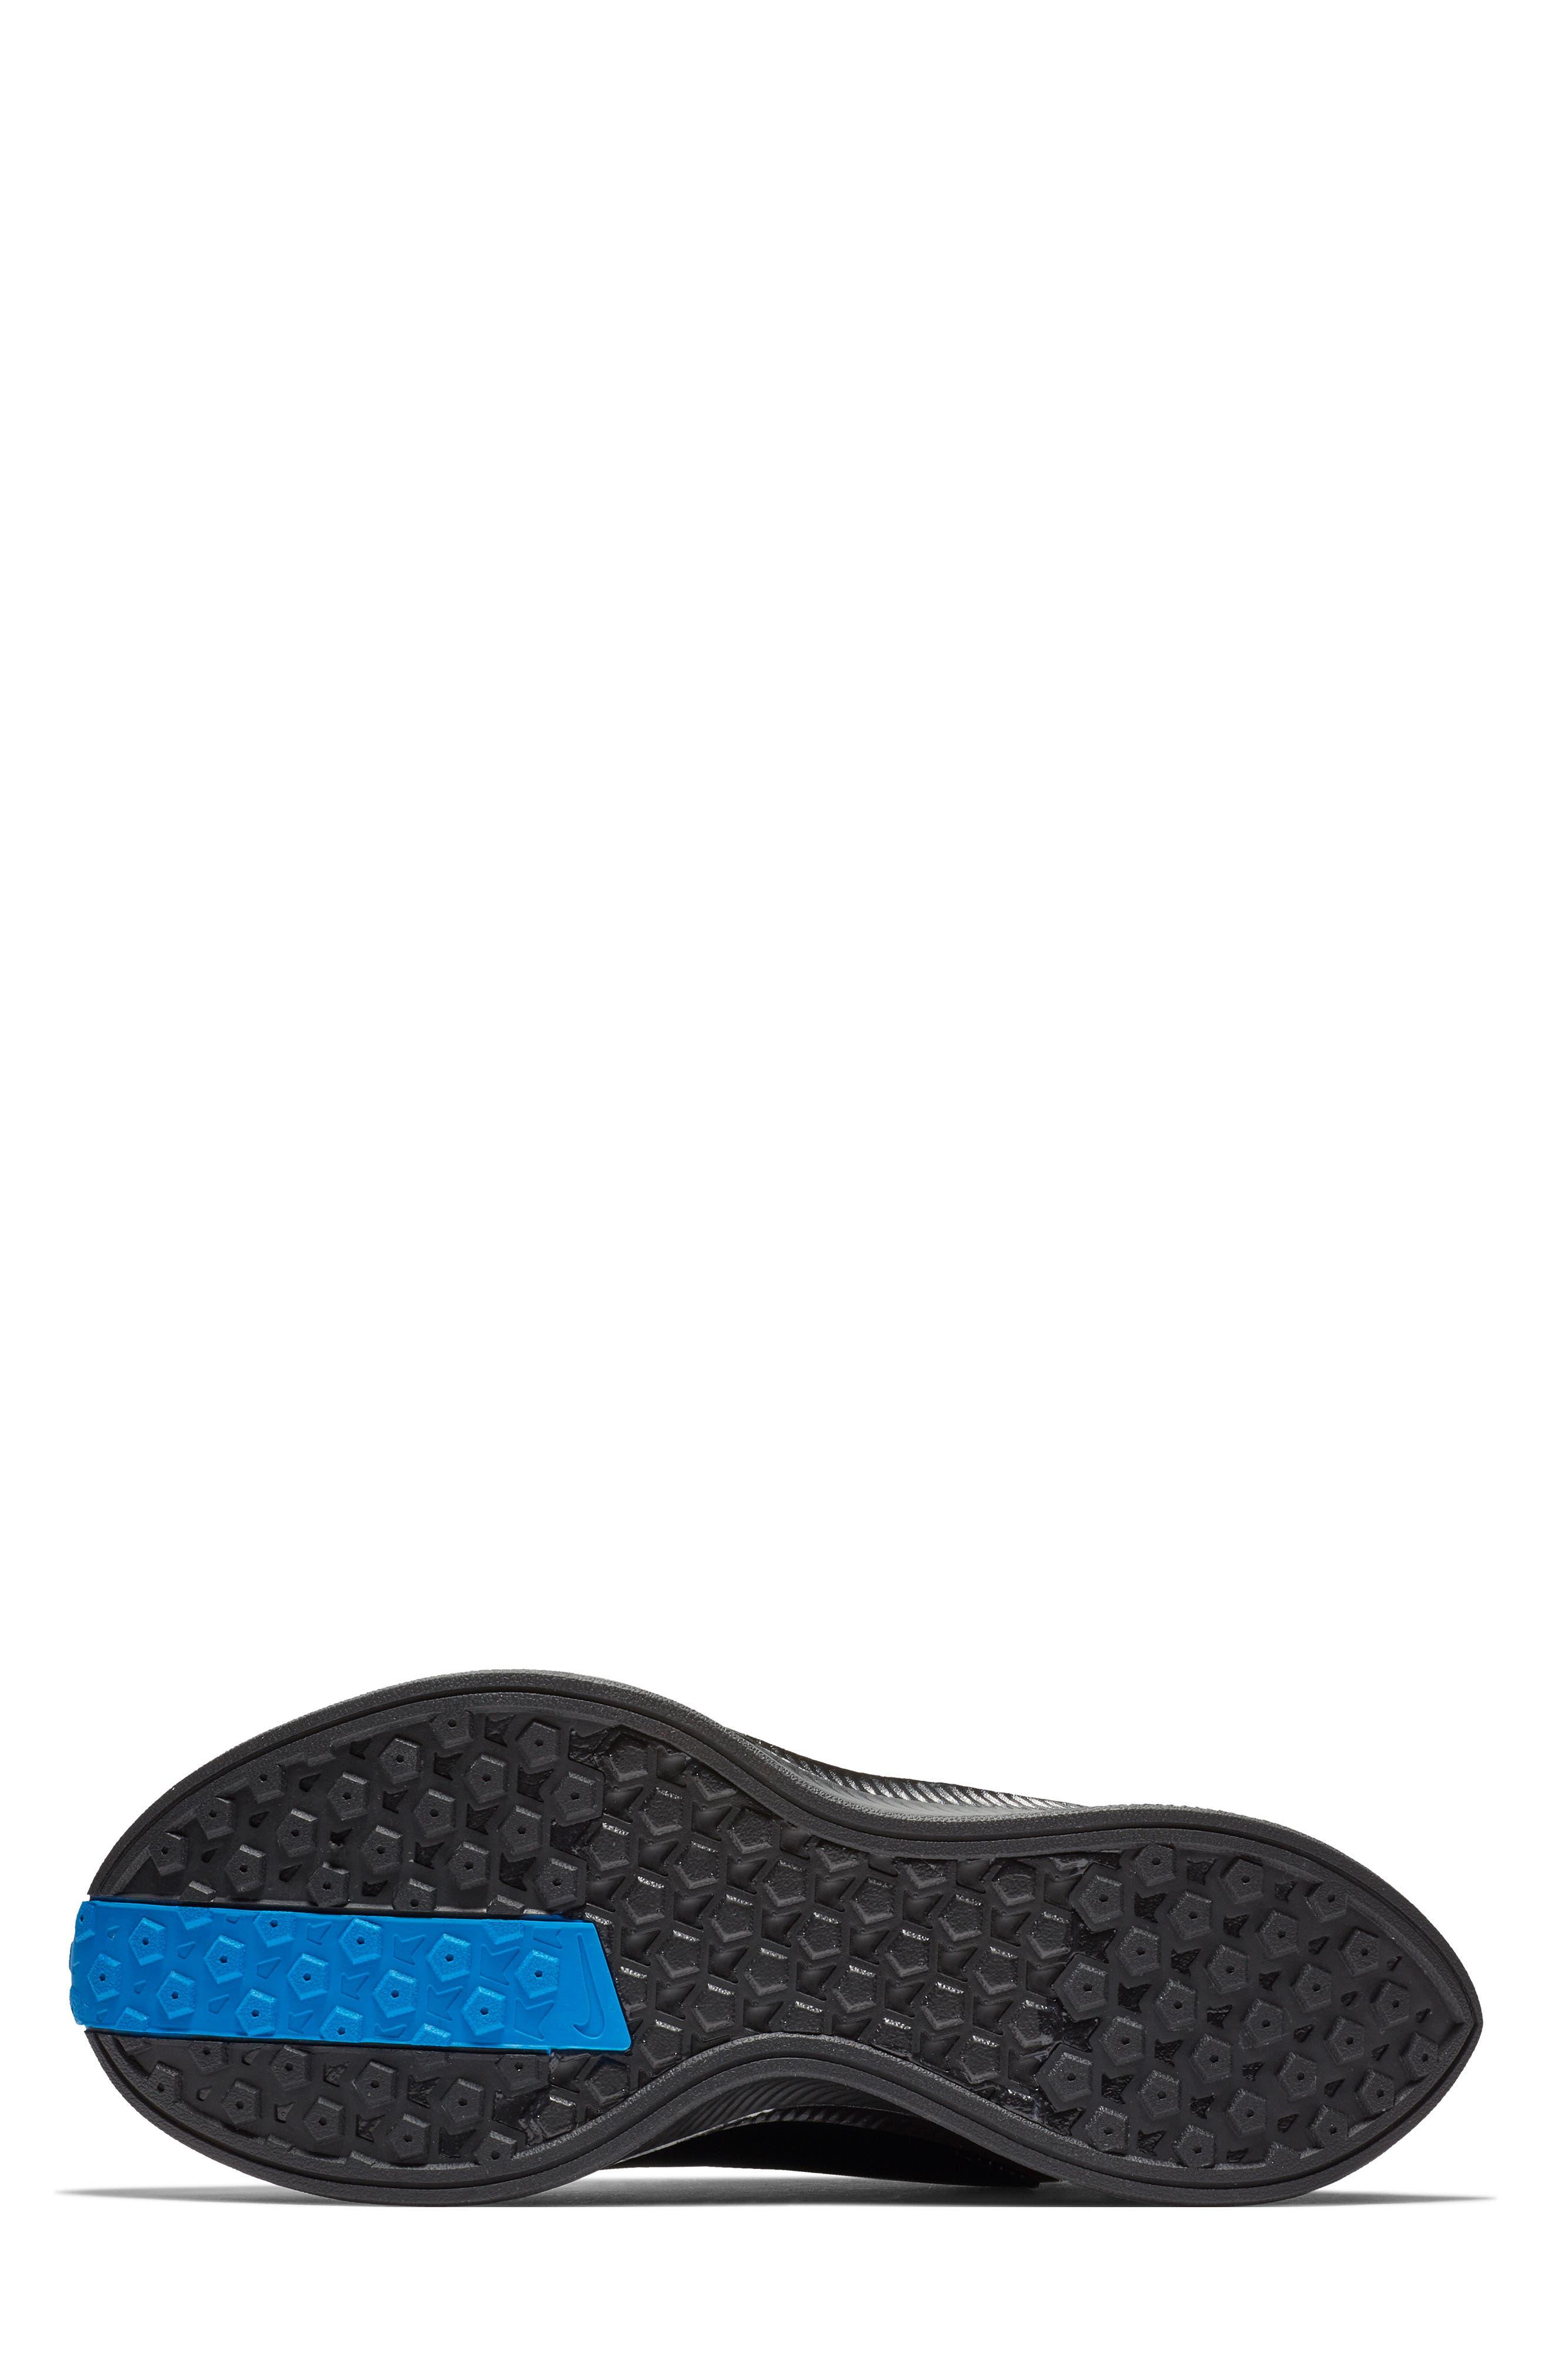 NIKE, Zoom Pegasus Turbo XX Running Shoe, Alternate thumbnail 5, color, 004